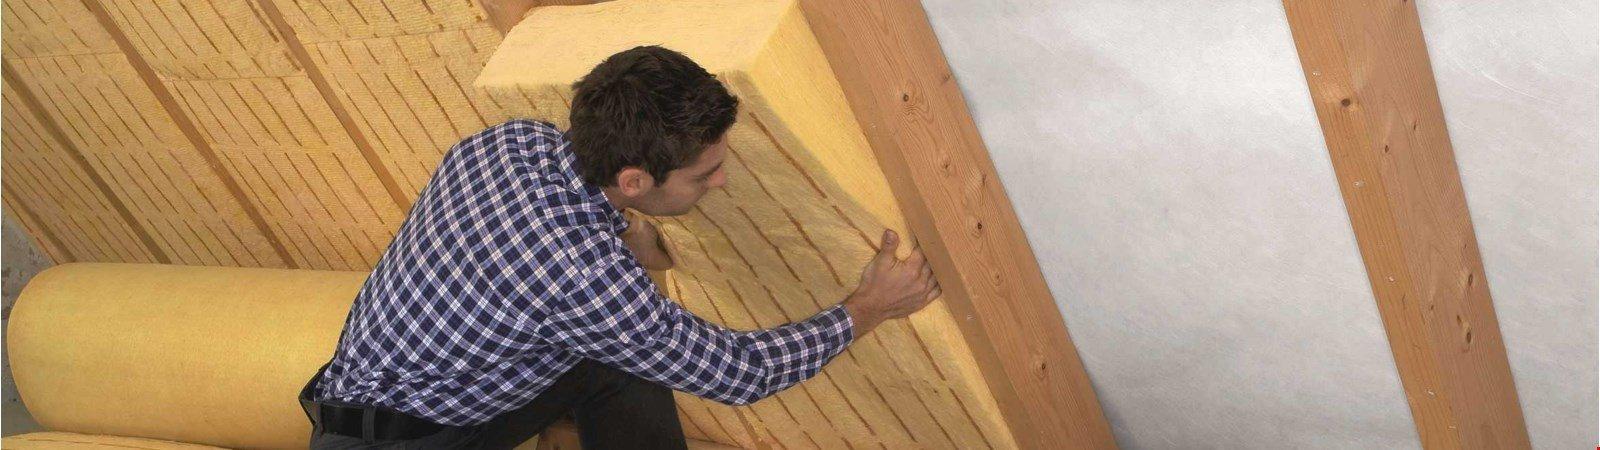 Dachdämmung: Wohnkomfort und Effizienzsteigerung der Heizung